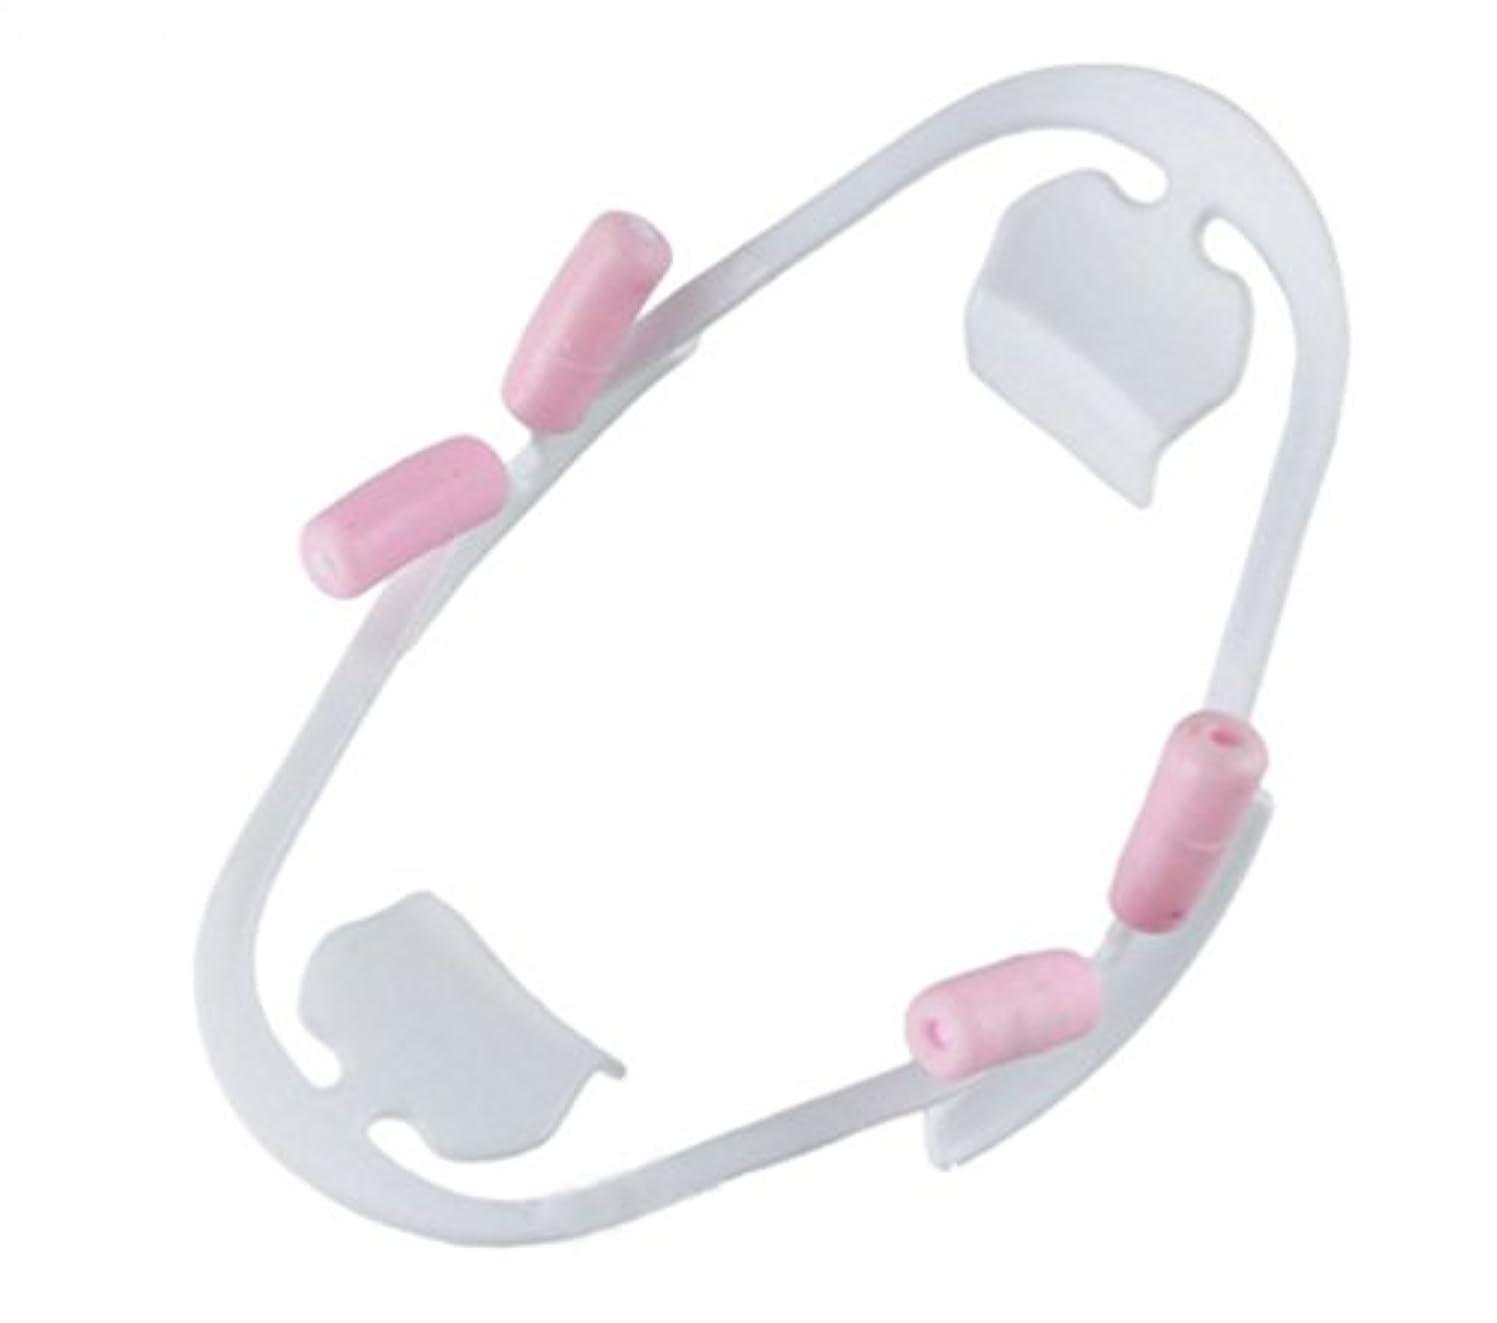 線病気だと思う逆説diconna 歯科開口器 3D マウスオープナー 開口器 1個 業務用